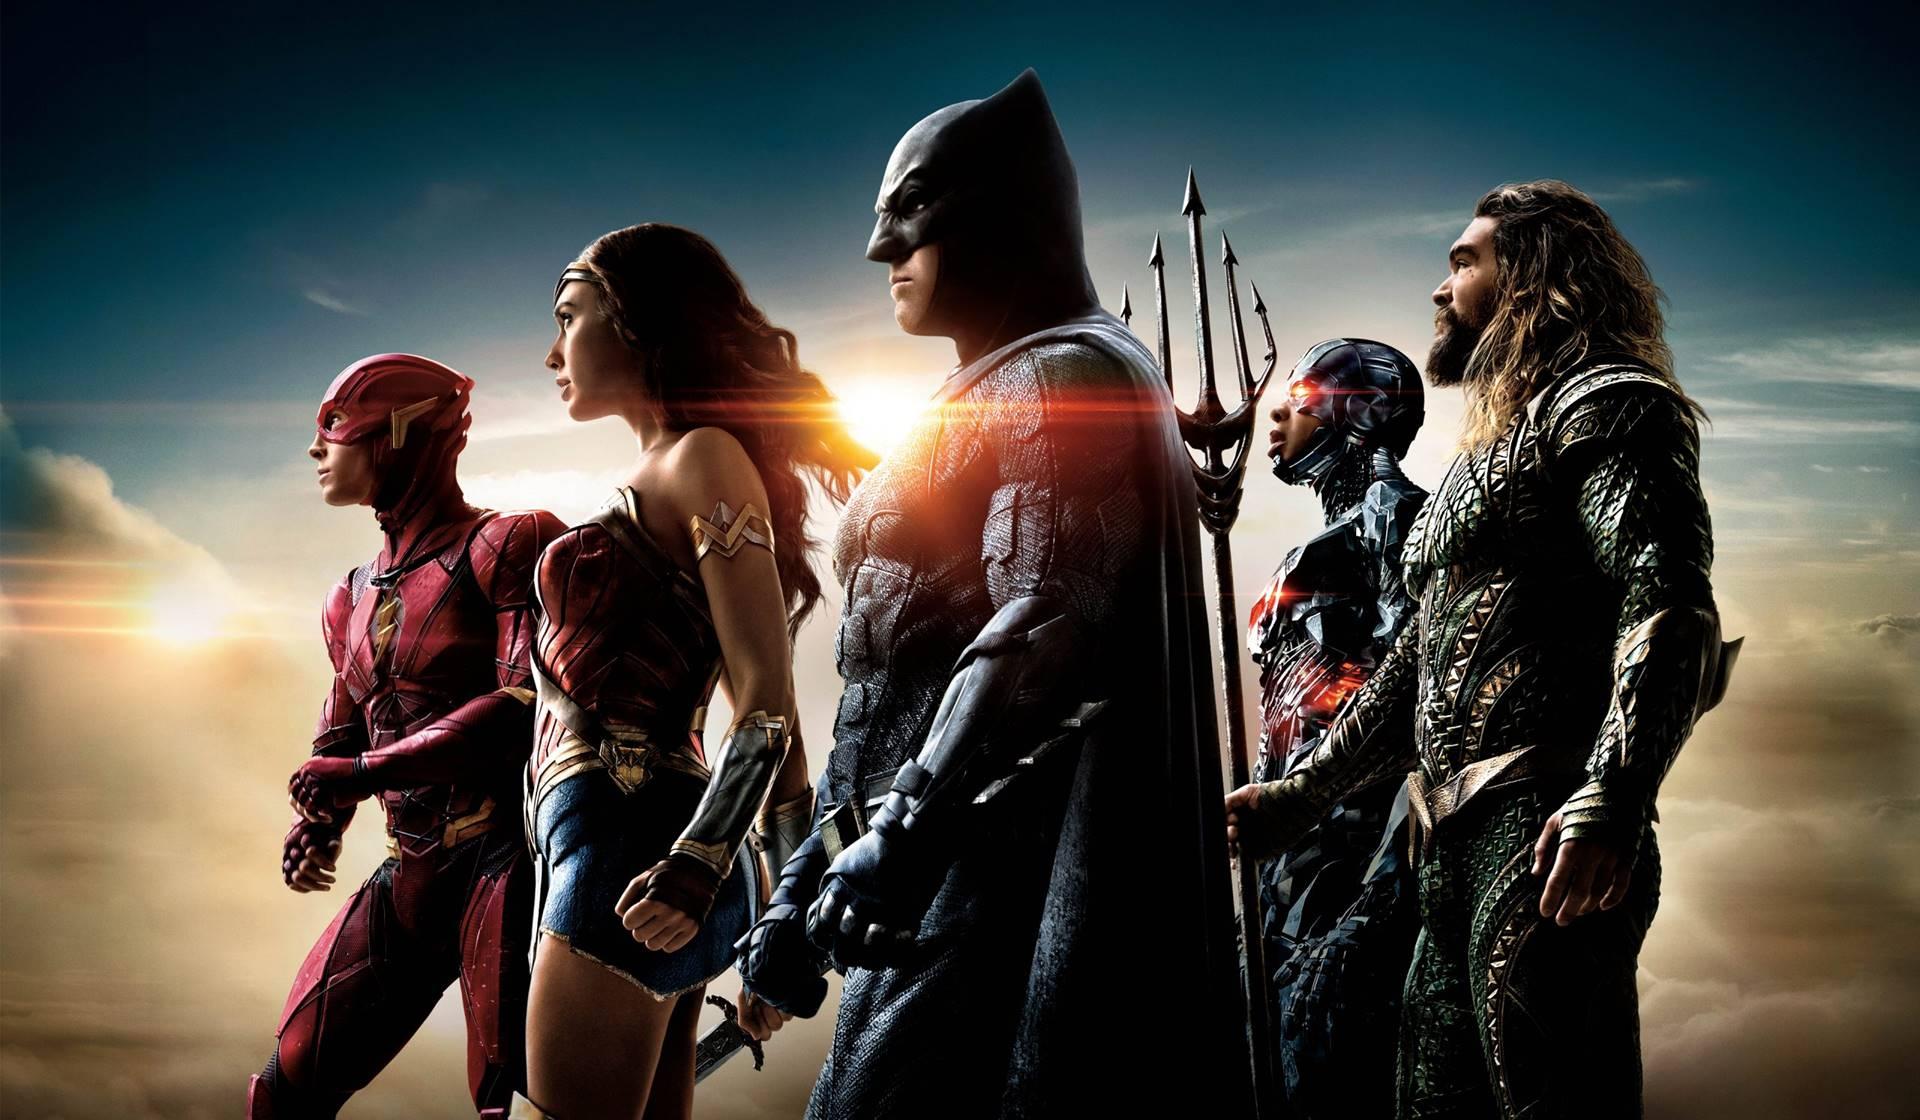 La verdad del por qué de los 4:3 de La liga de la justicia de Zack Snyder